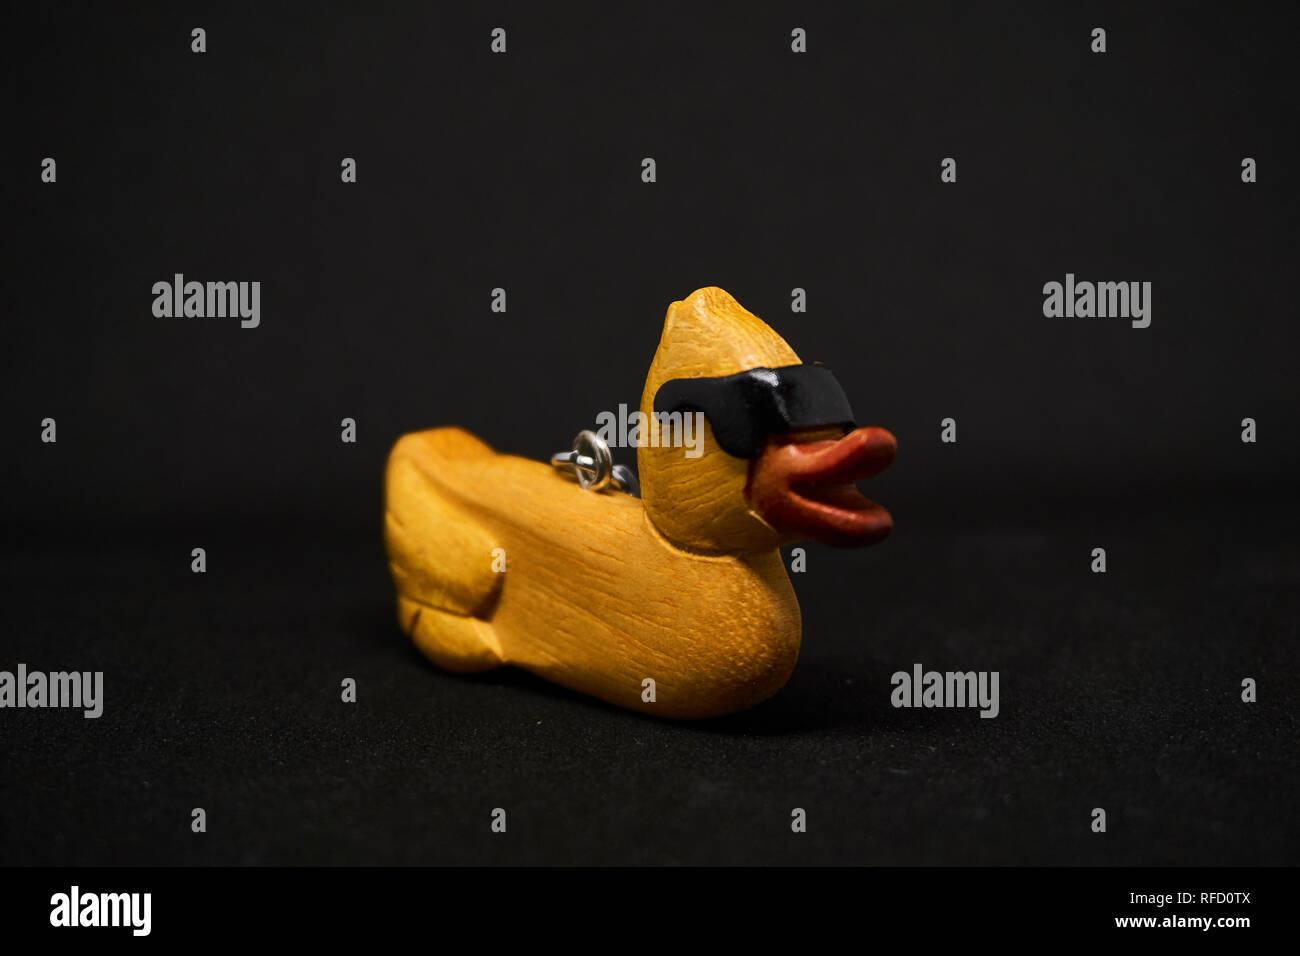 Eine Coole Ente Mit Schwarzem Hintergrund Stockfoto Bild 233240698